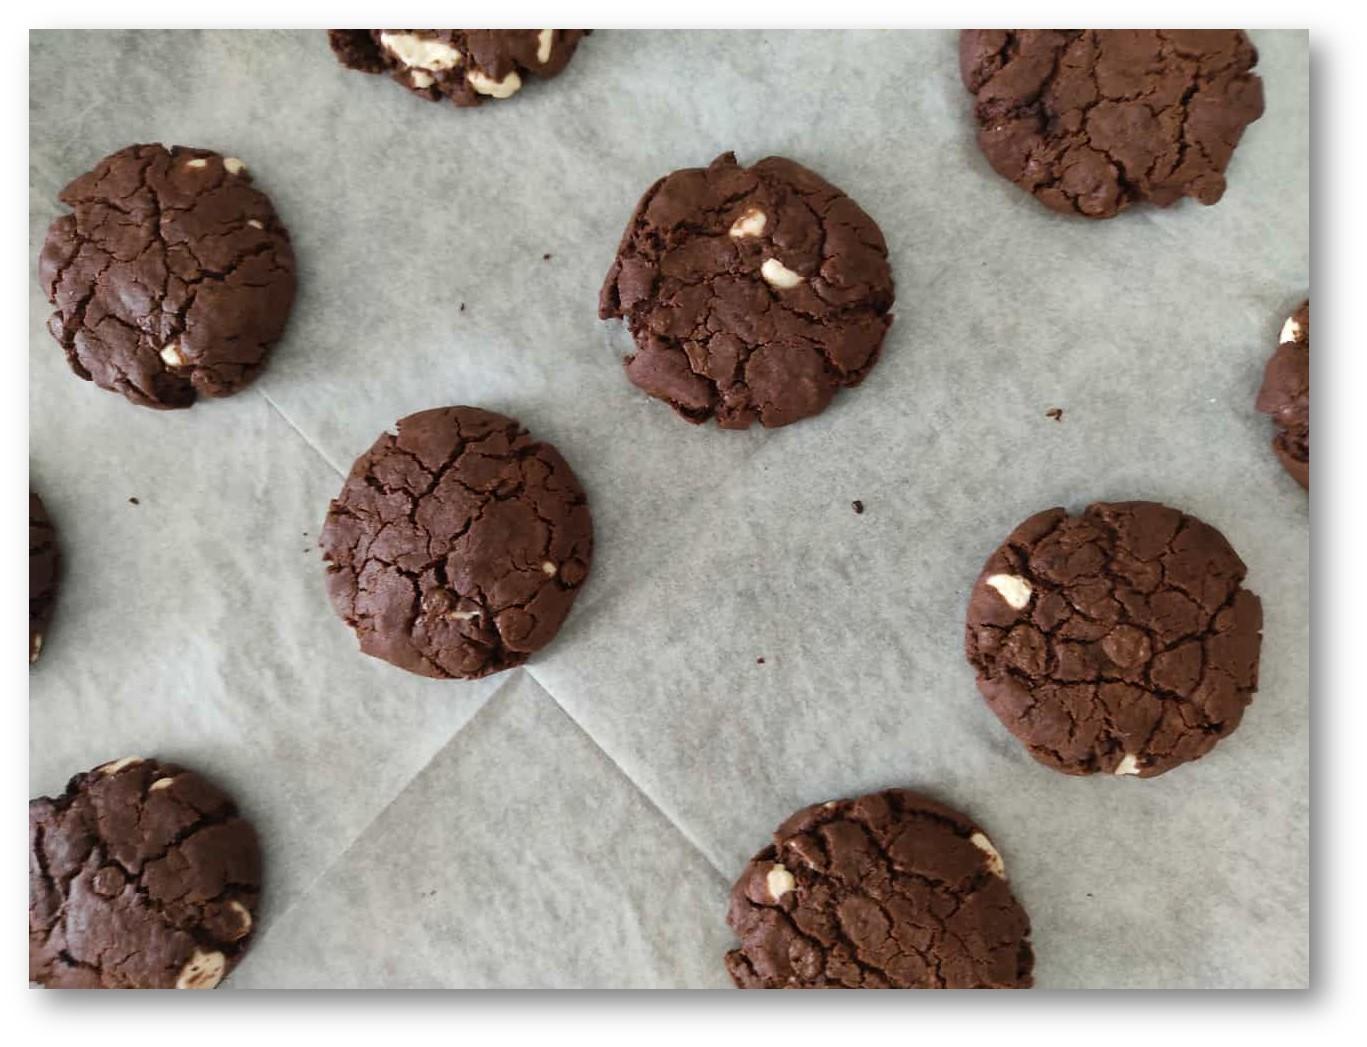 עוגיות שוקולד סופר שוקולדיות